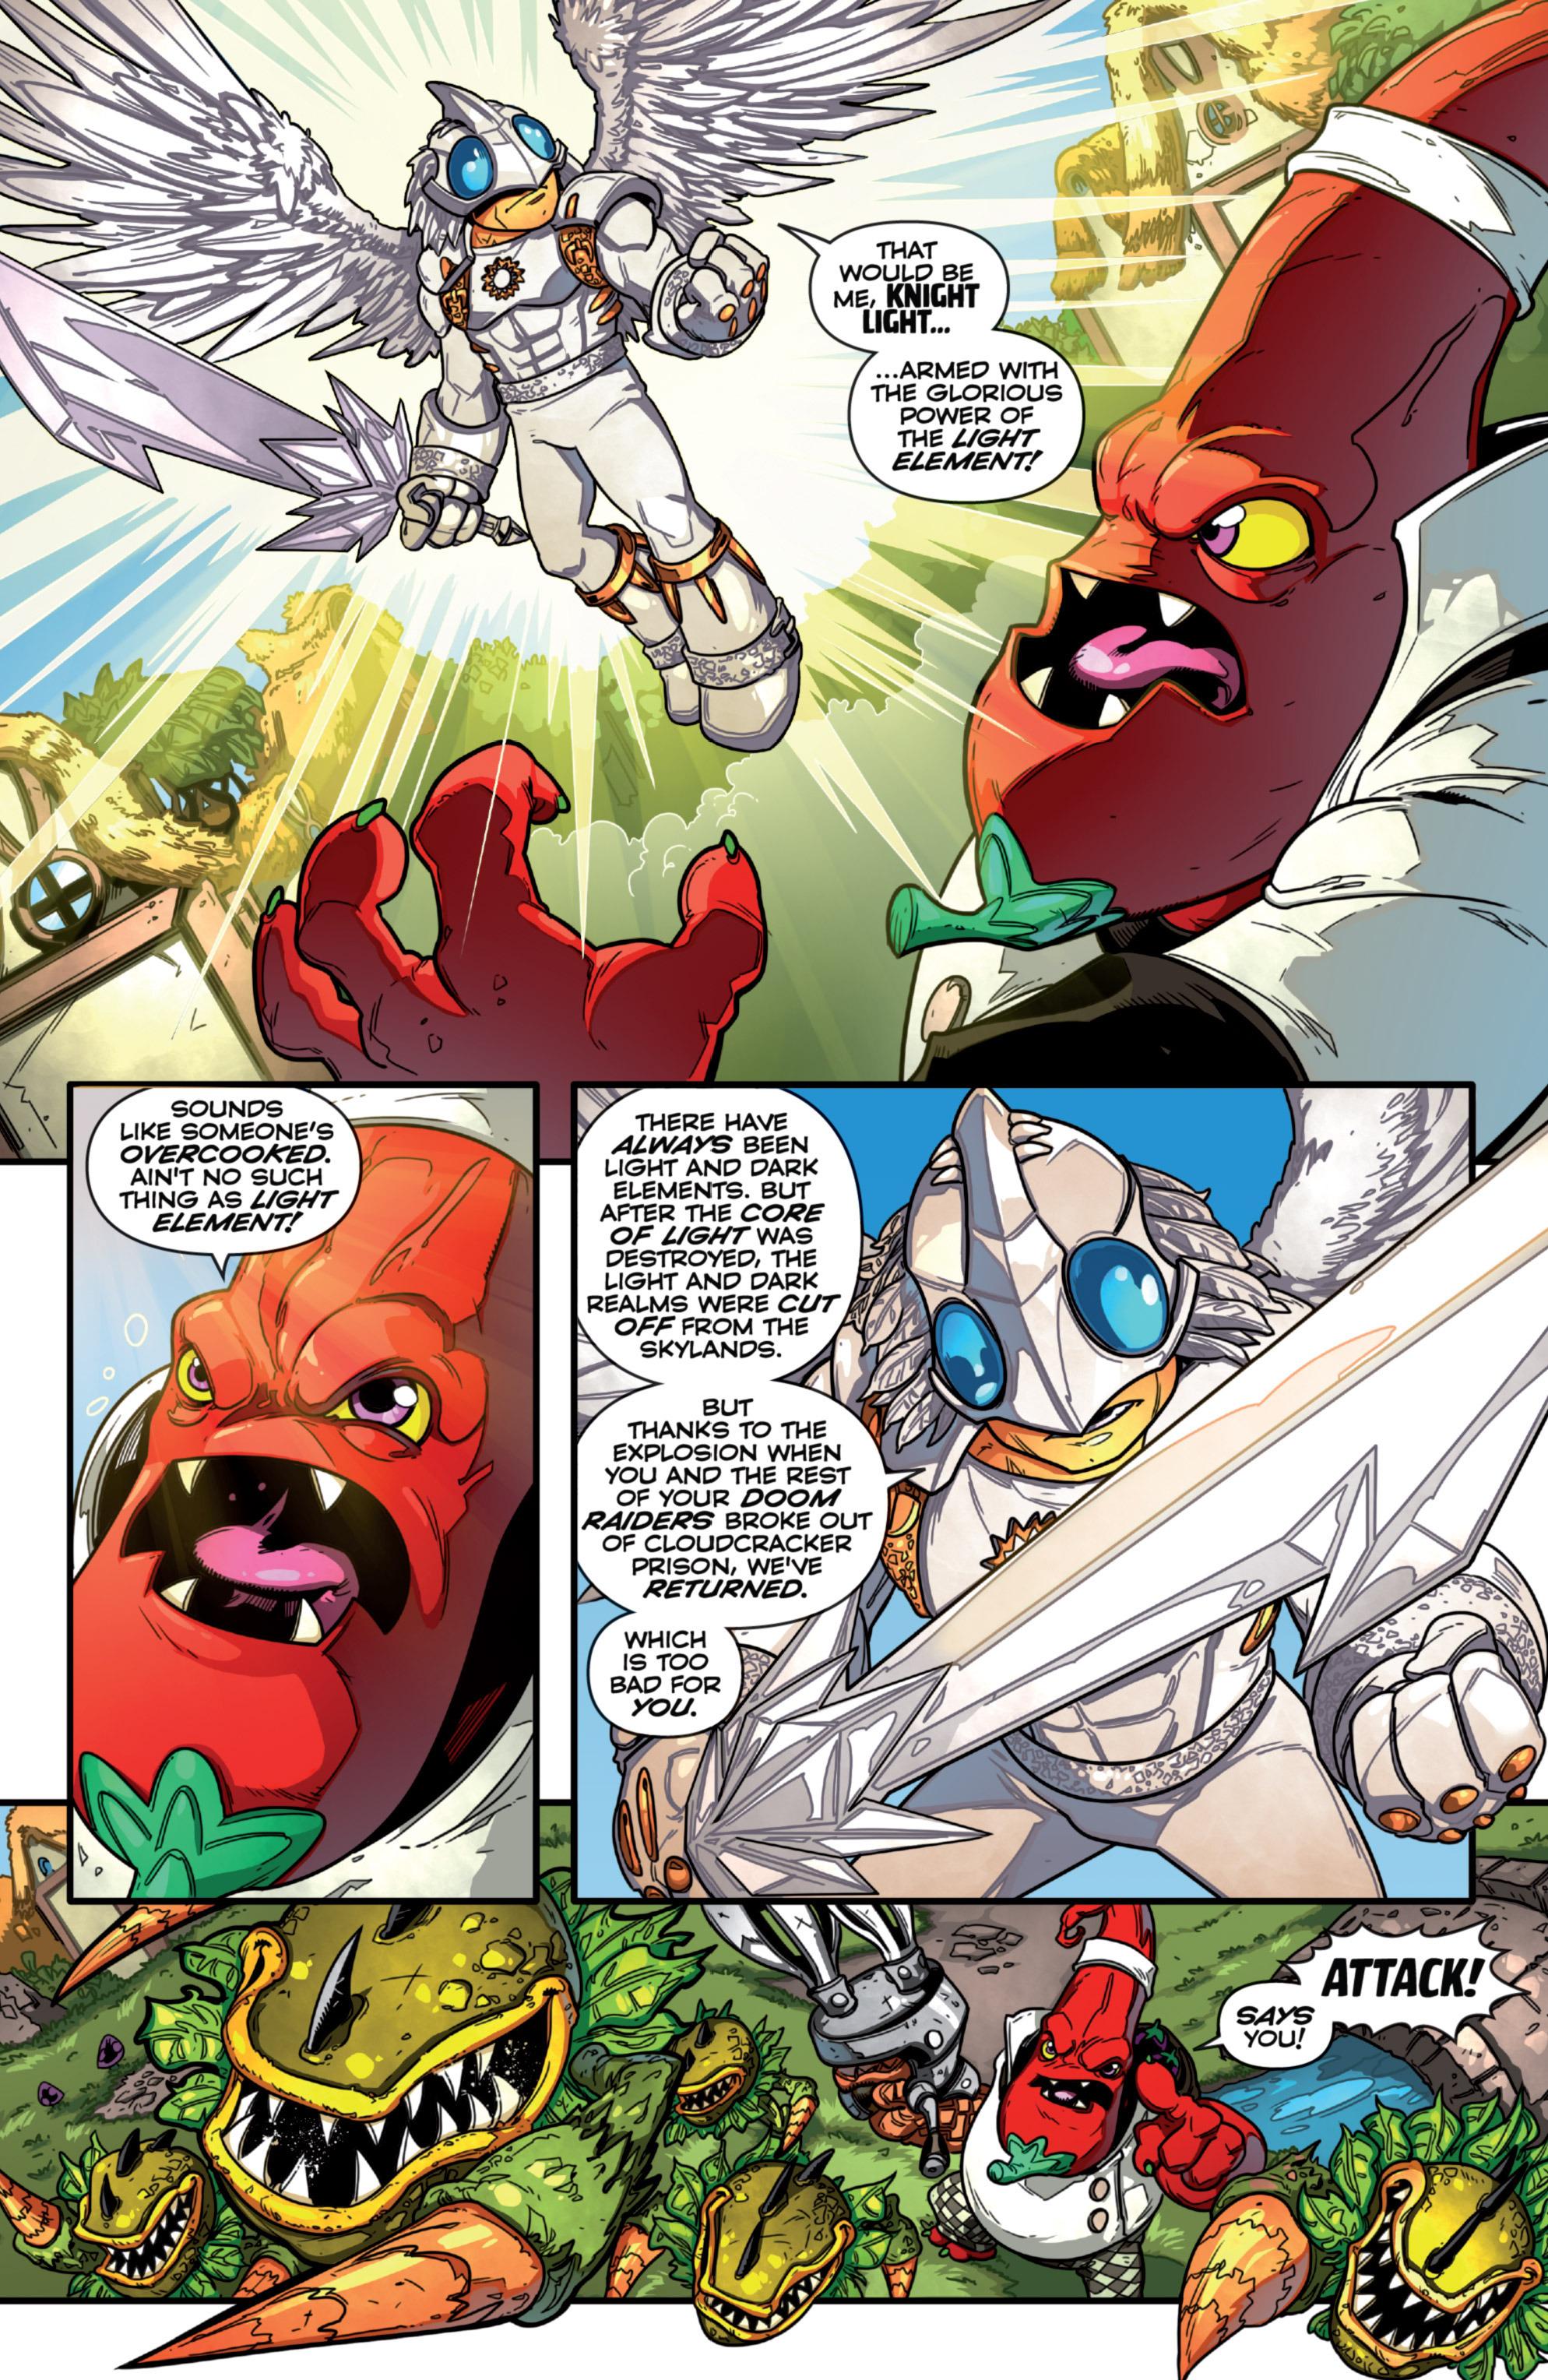 Read online Skylanders comic -  Issue #7 - 20